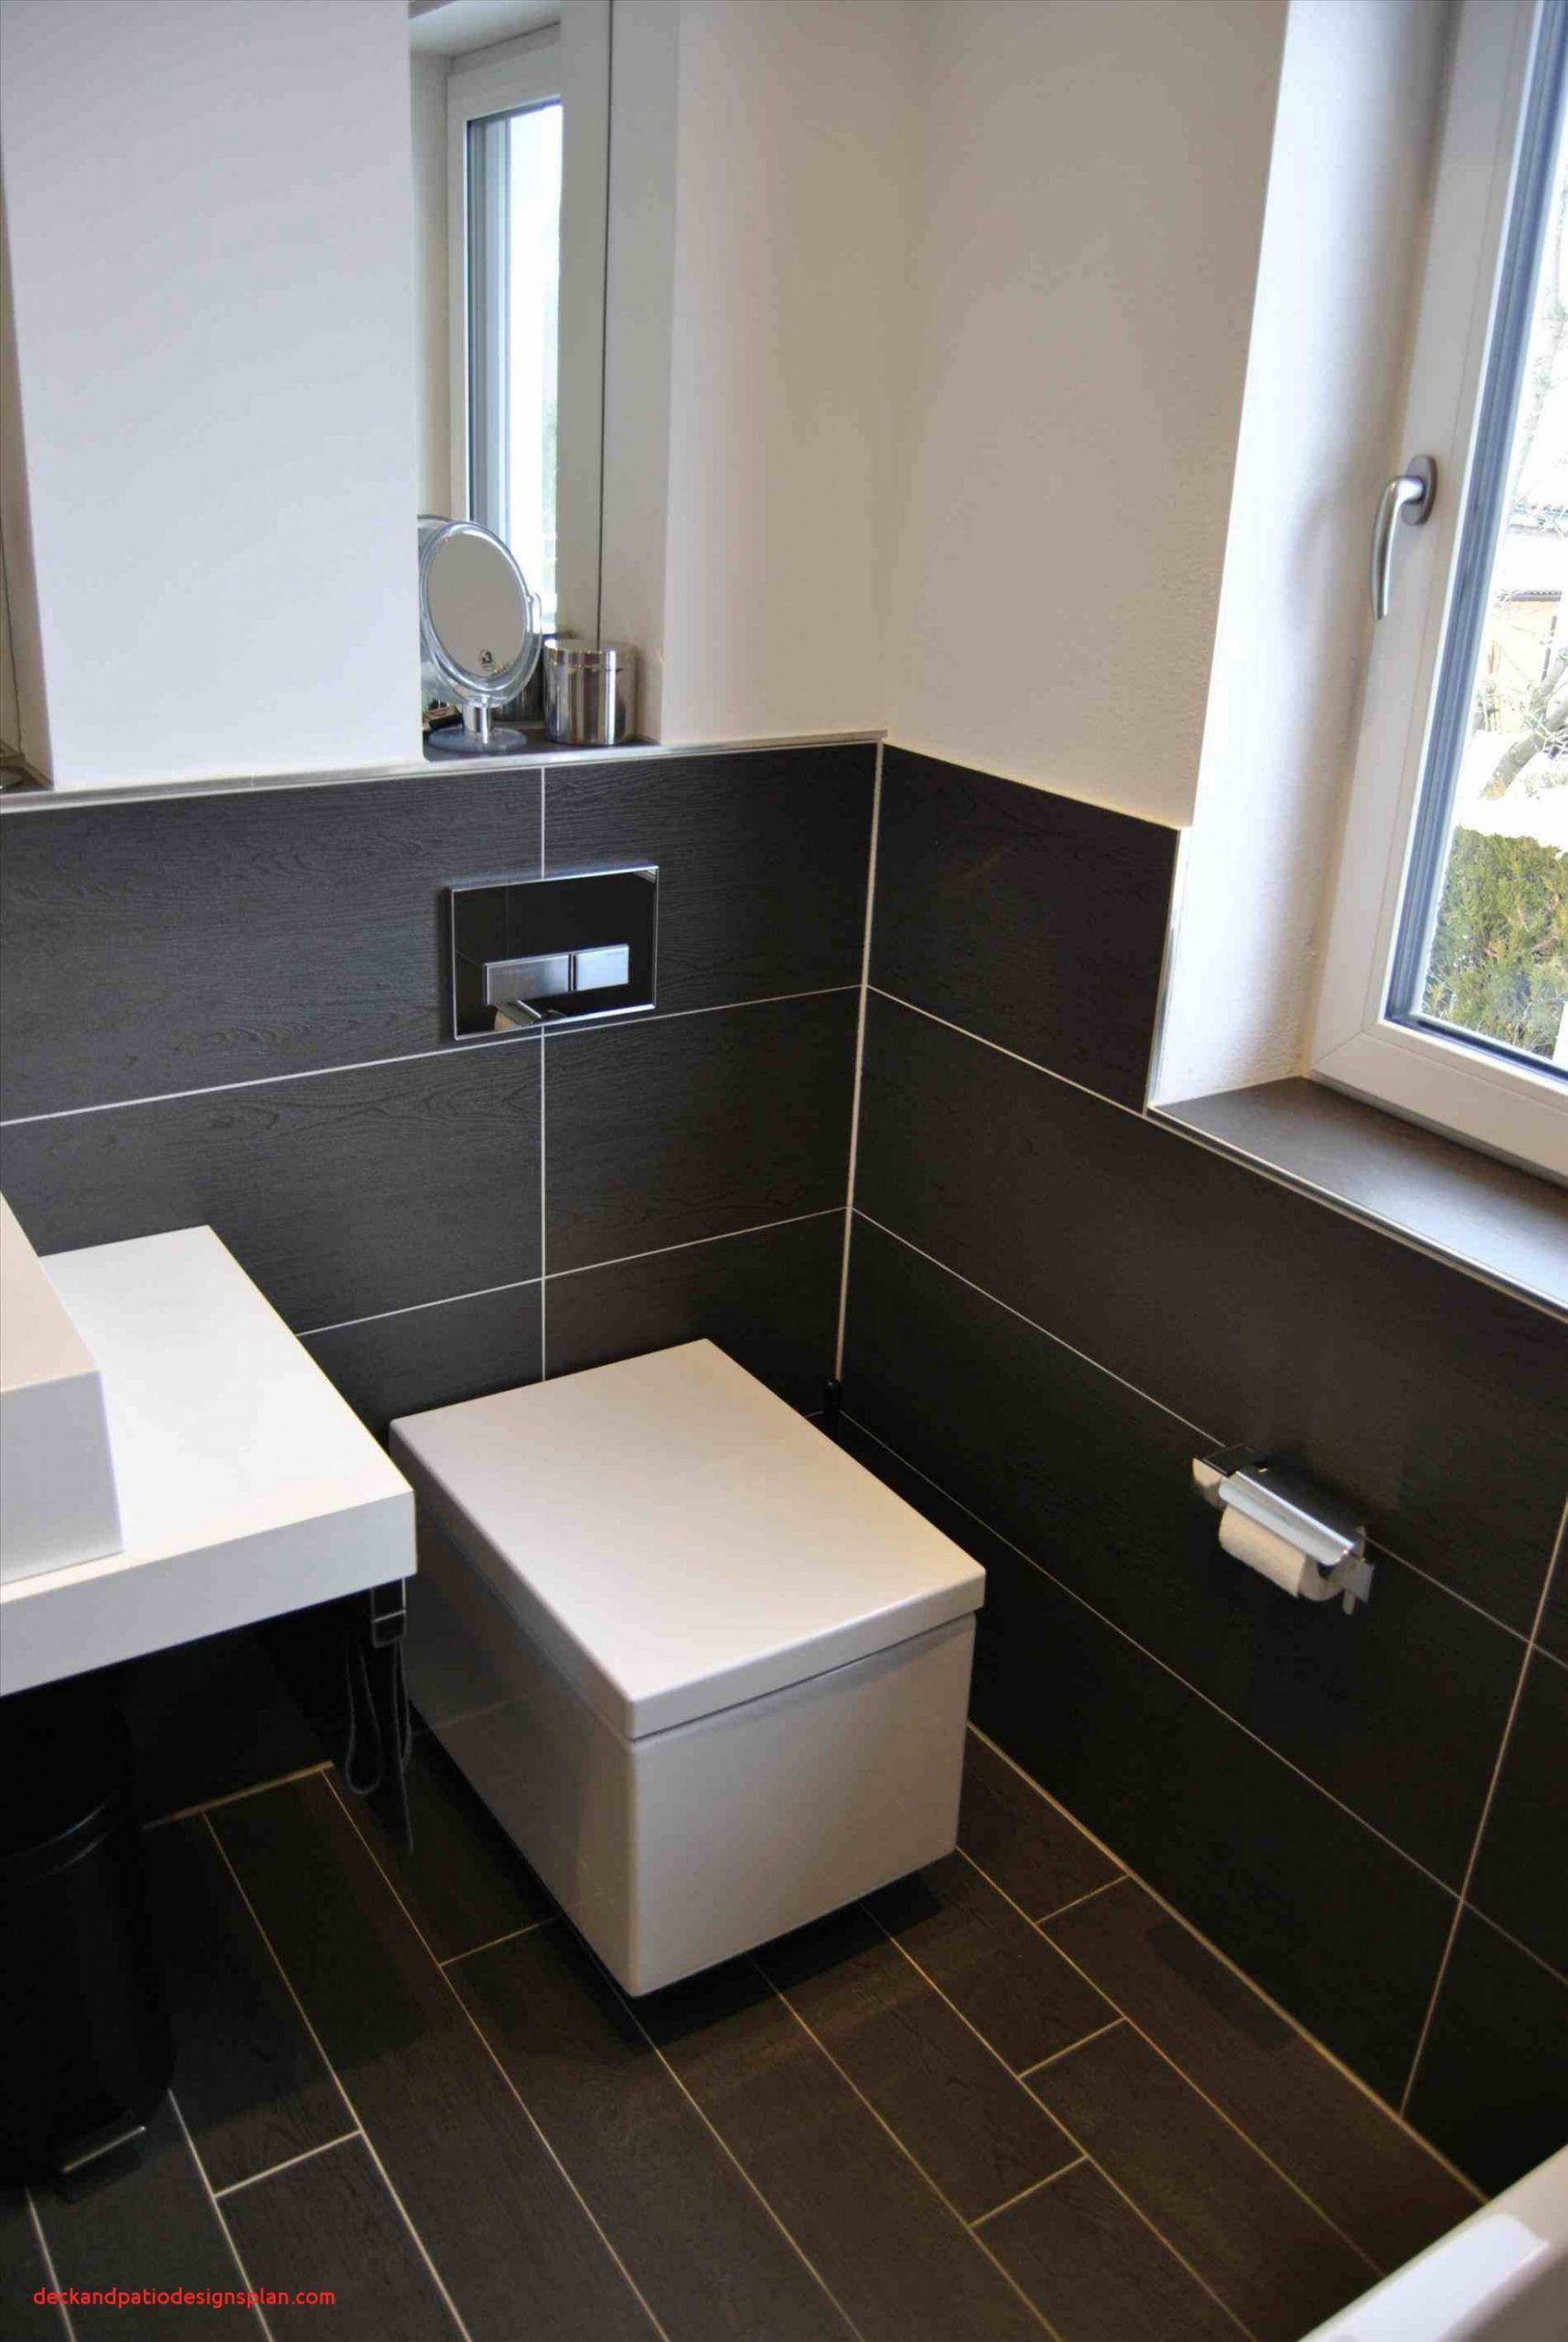 13 Katalog Arbeits Ideen Badezimmer Fliesen Neues Badezimmer Badezimmer Schwarz